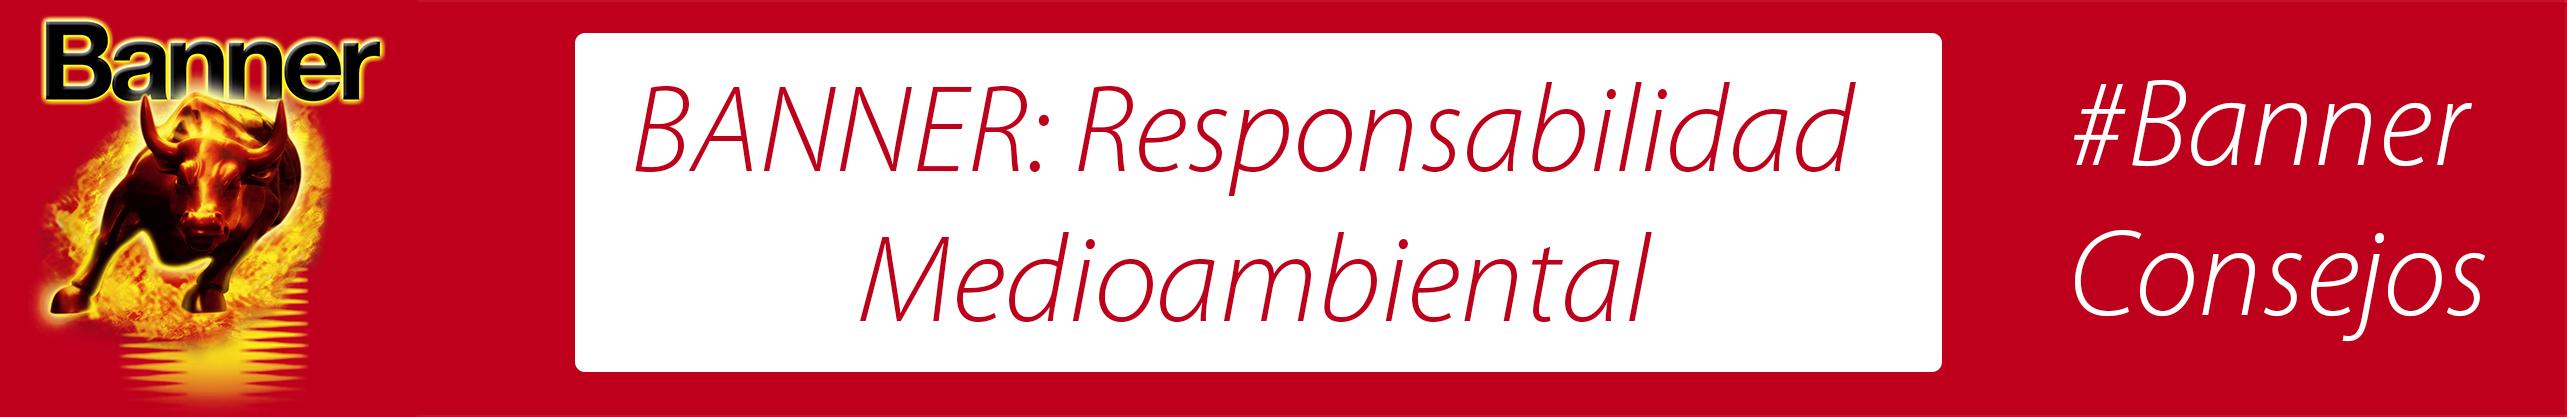 Lo principal: La Responsabilidad con el Medio Ambiente